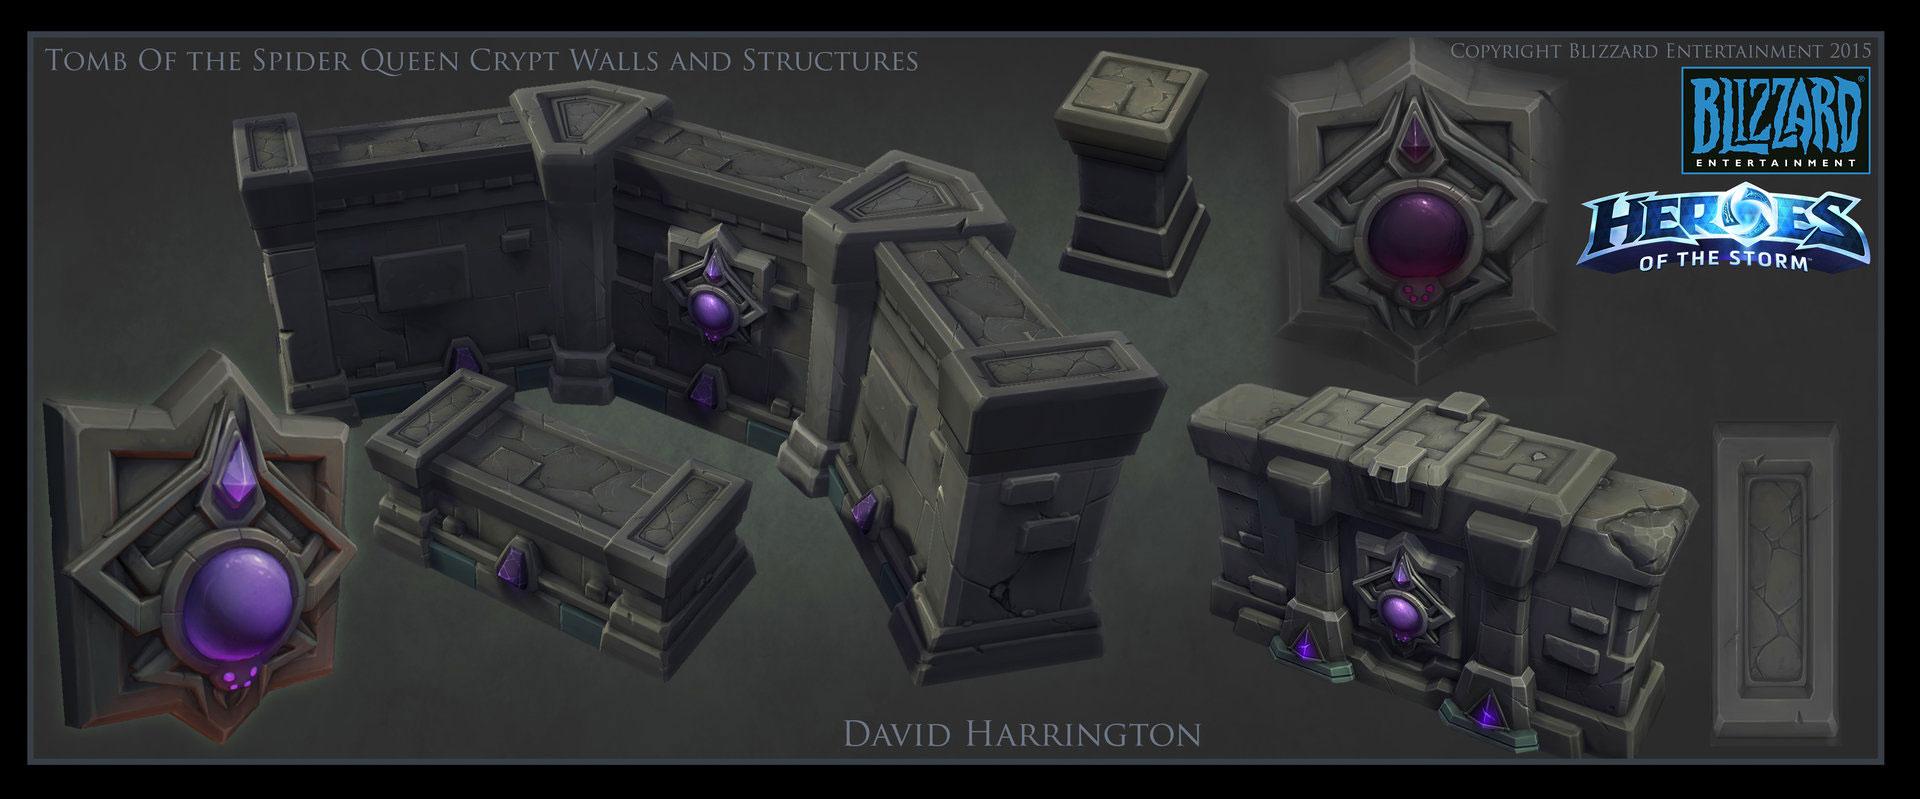 davidharrington_11